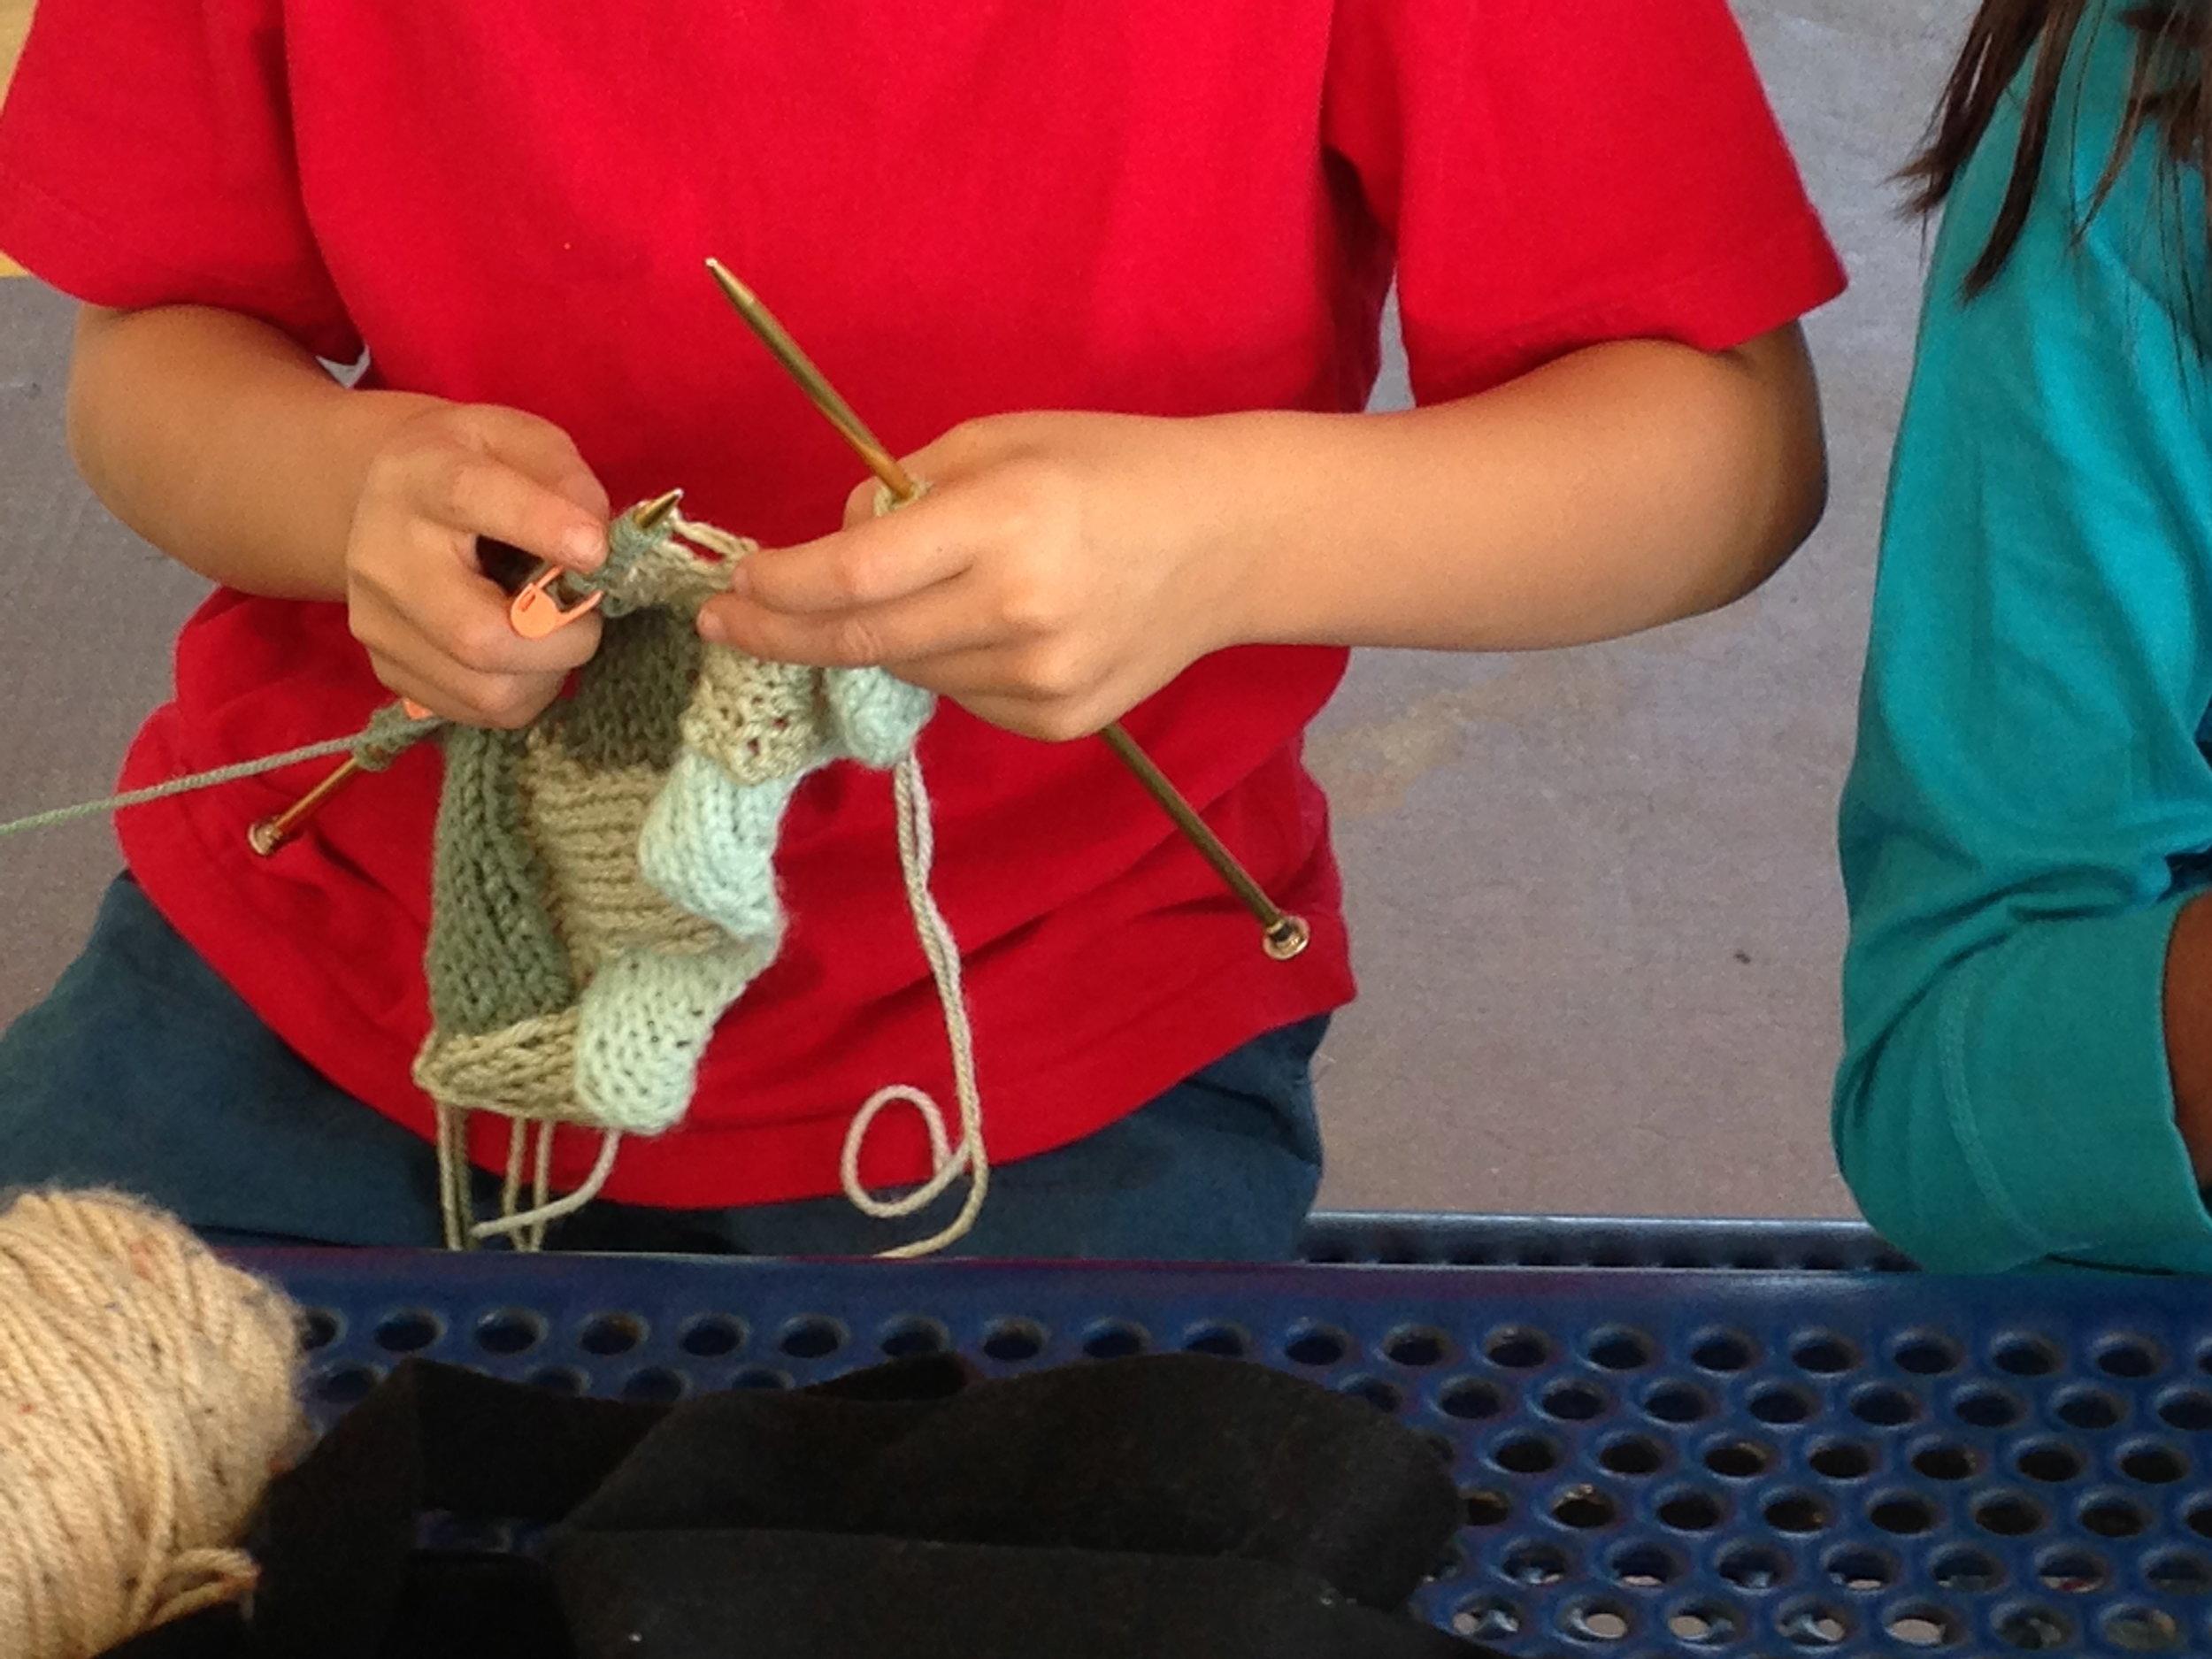 3rd grader working on Entreloc.